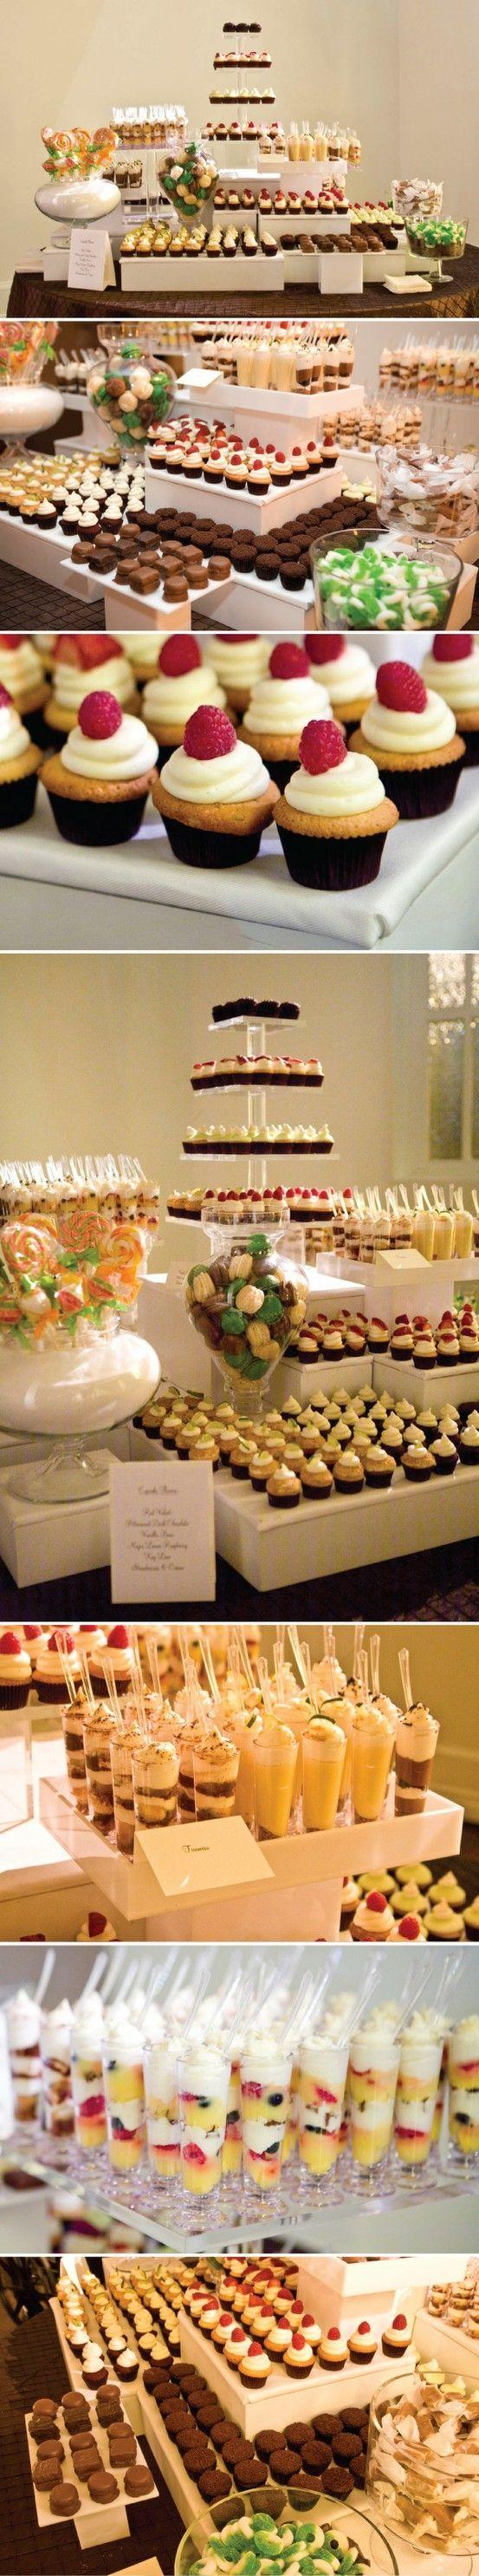 Como decorar una mesa de dulces top como decorar una mesa - Como organizar una mesa dulce ...